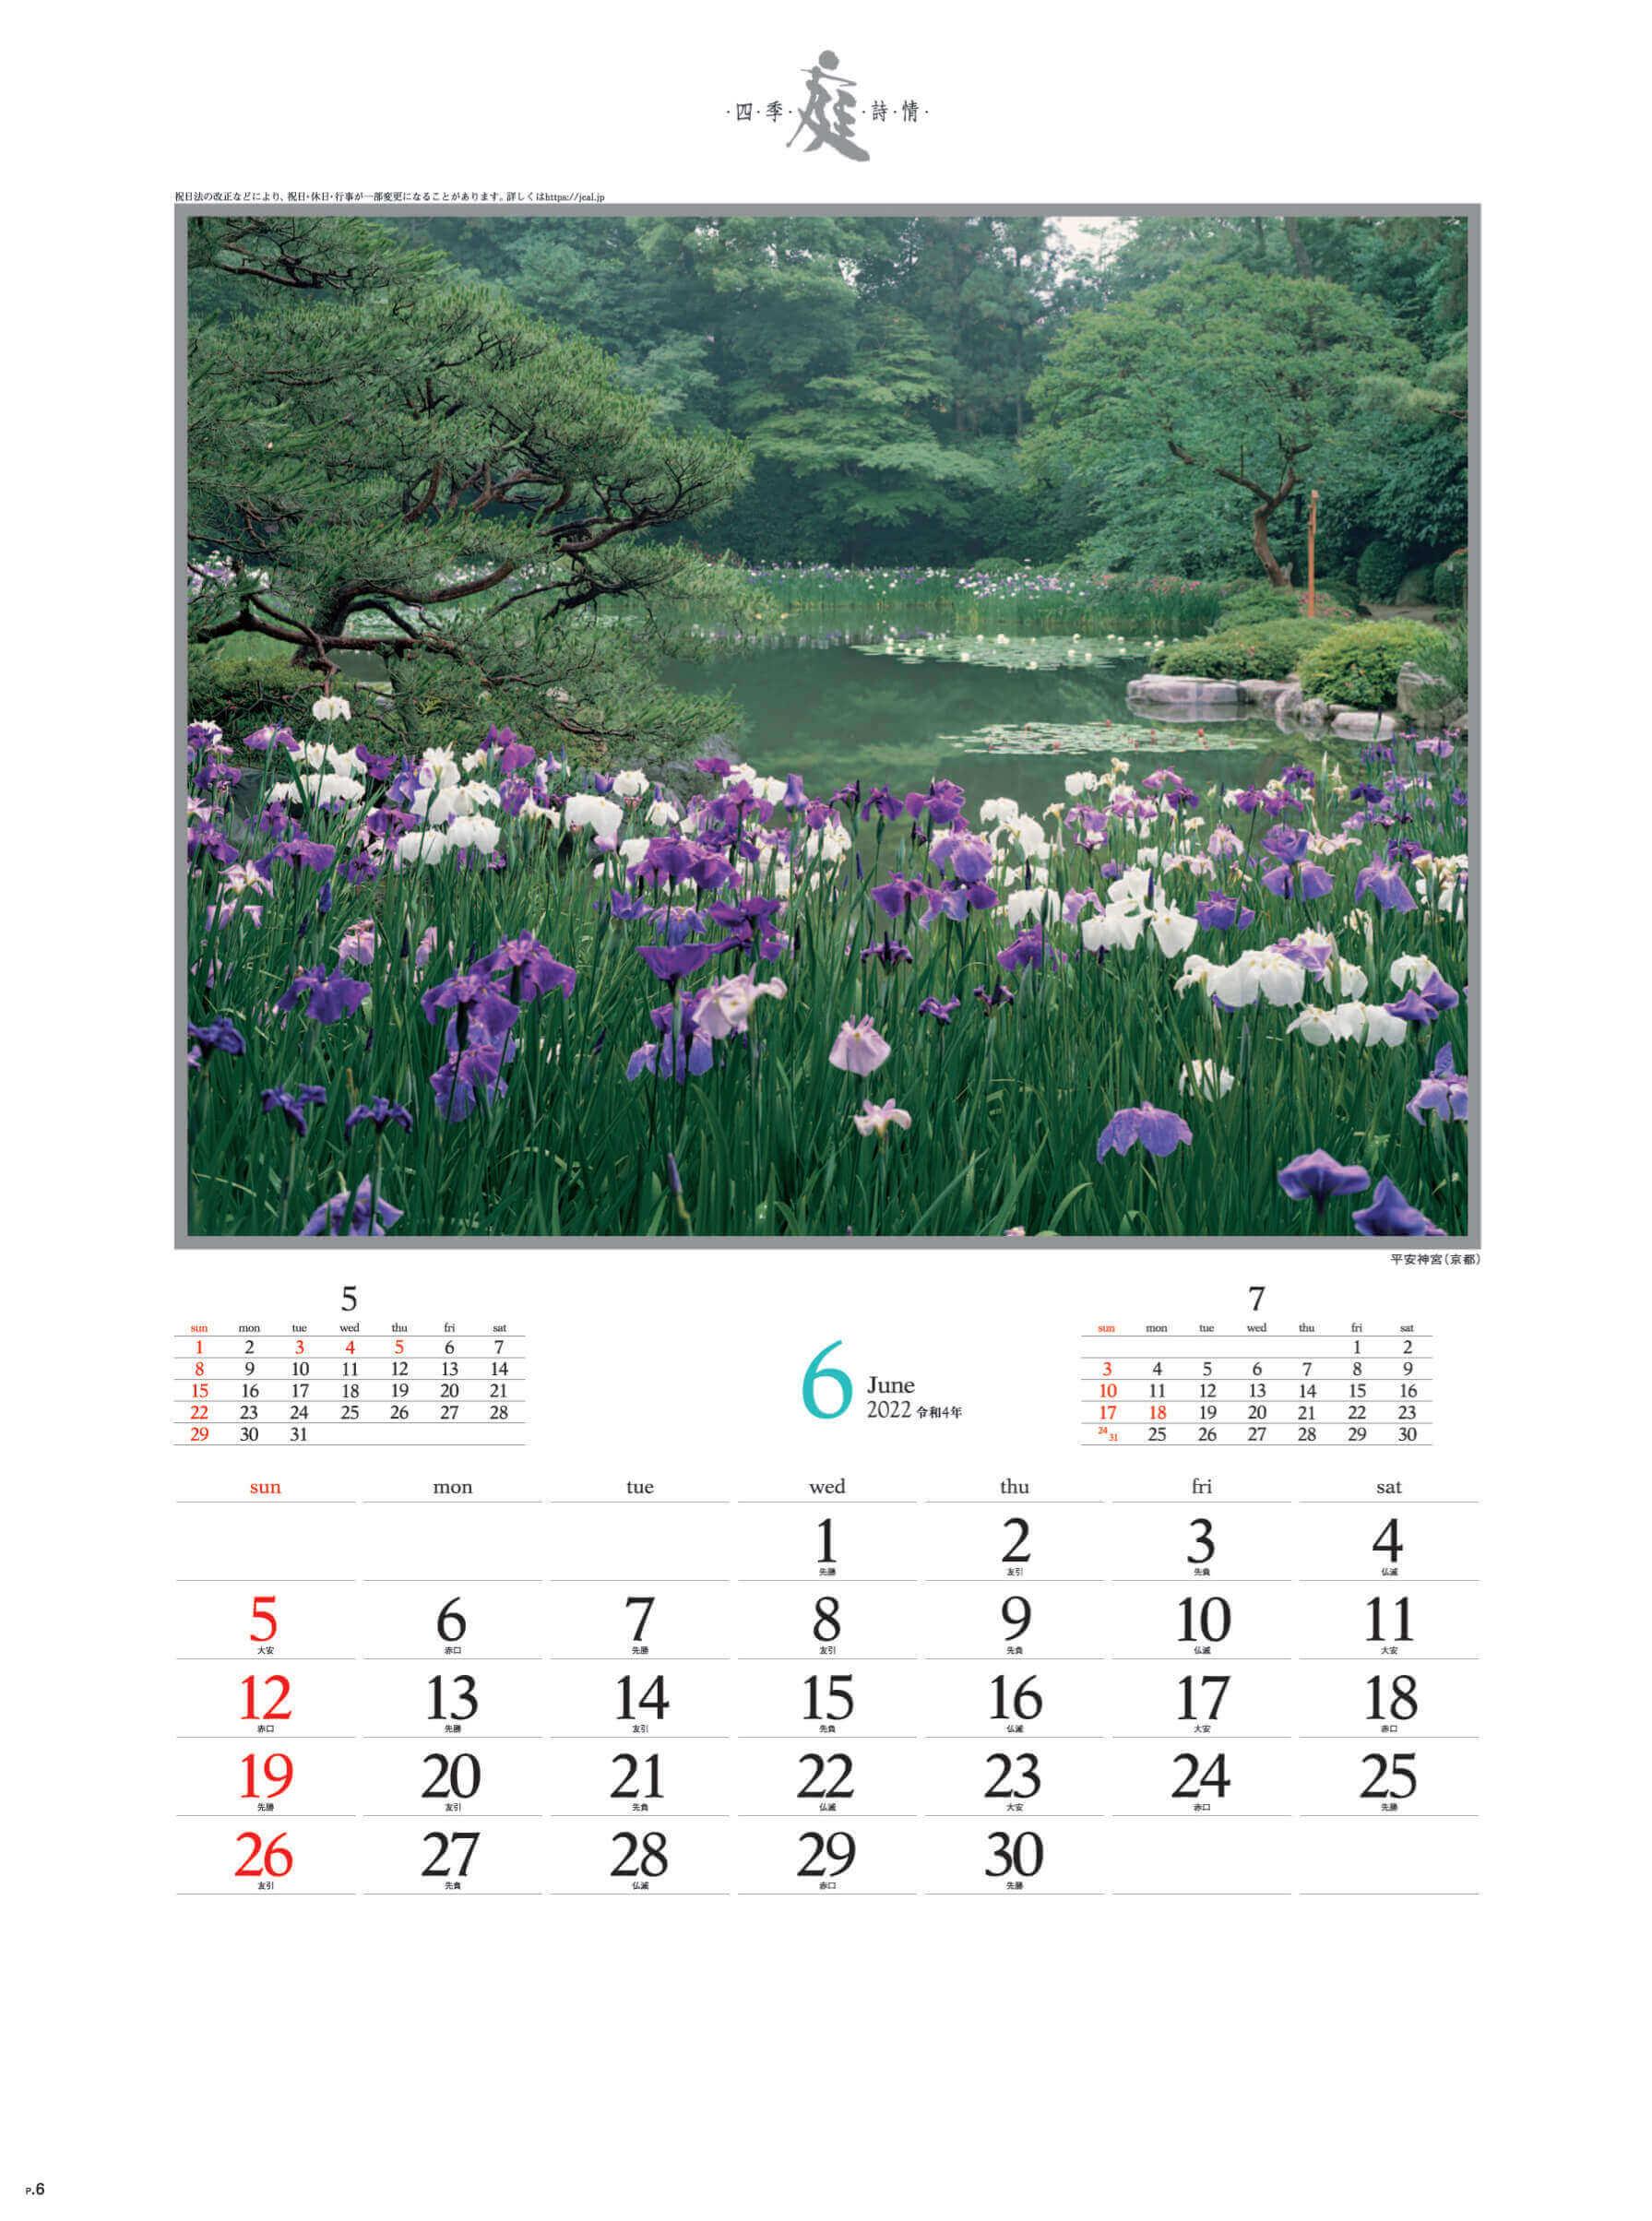 6月 平安神宮(京都) 庭・四季詩情 2022年カレンダーの画像